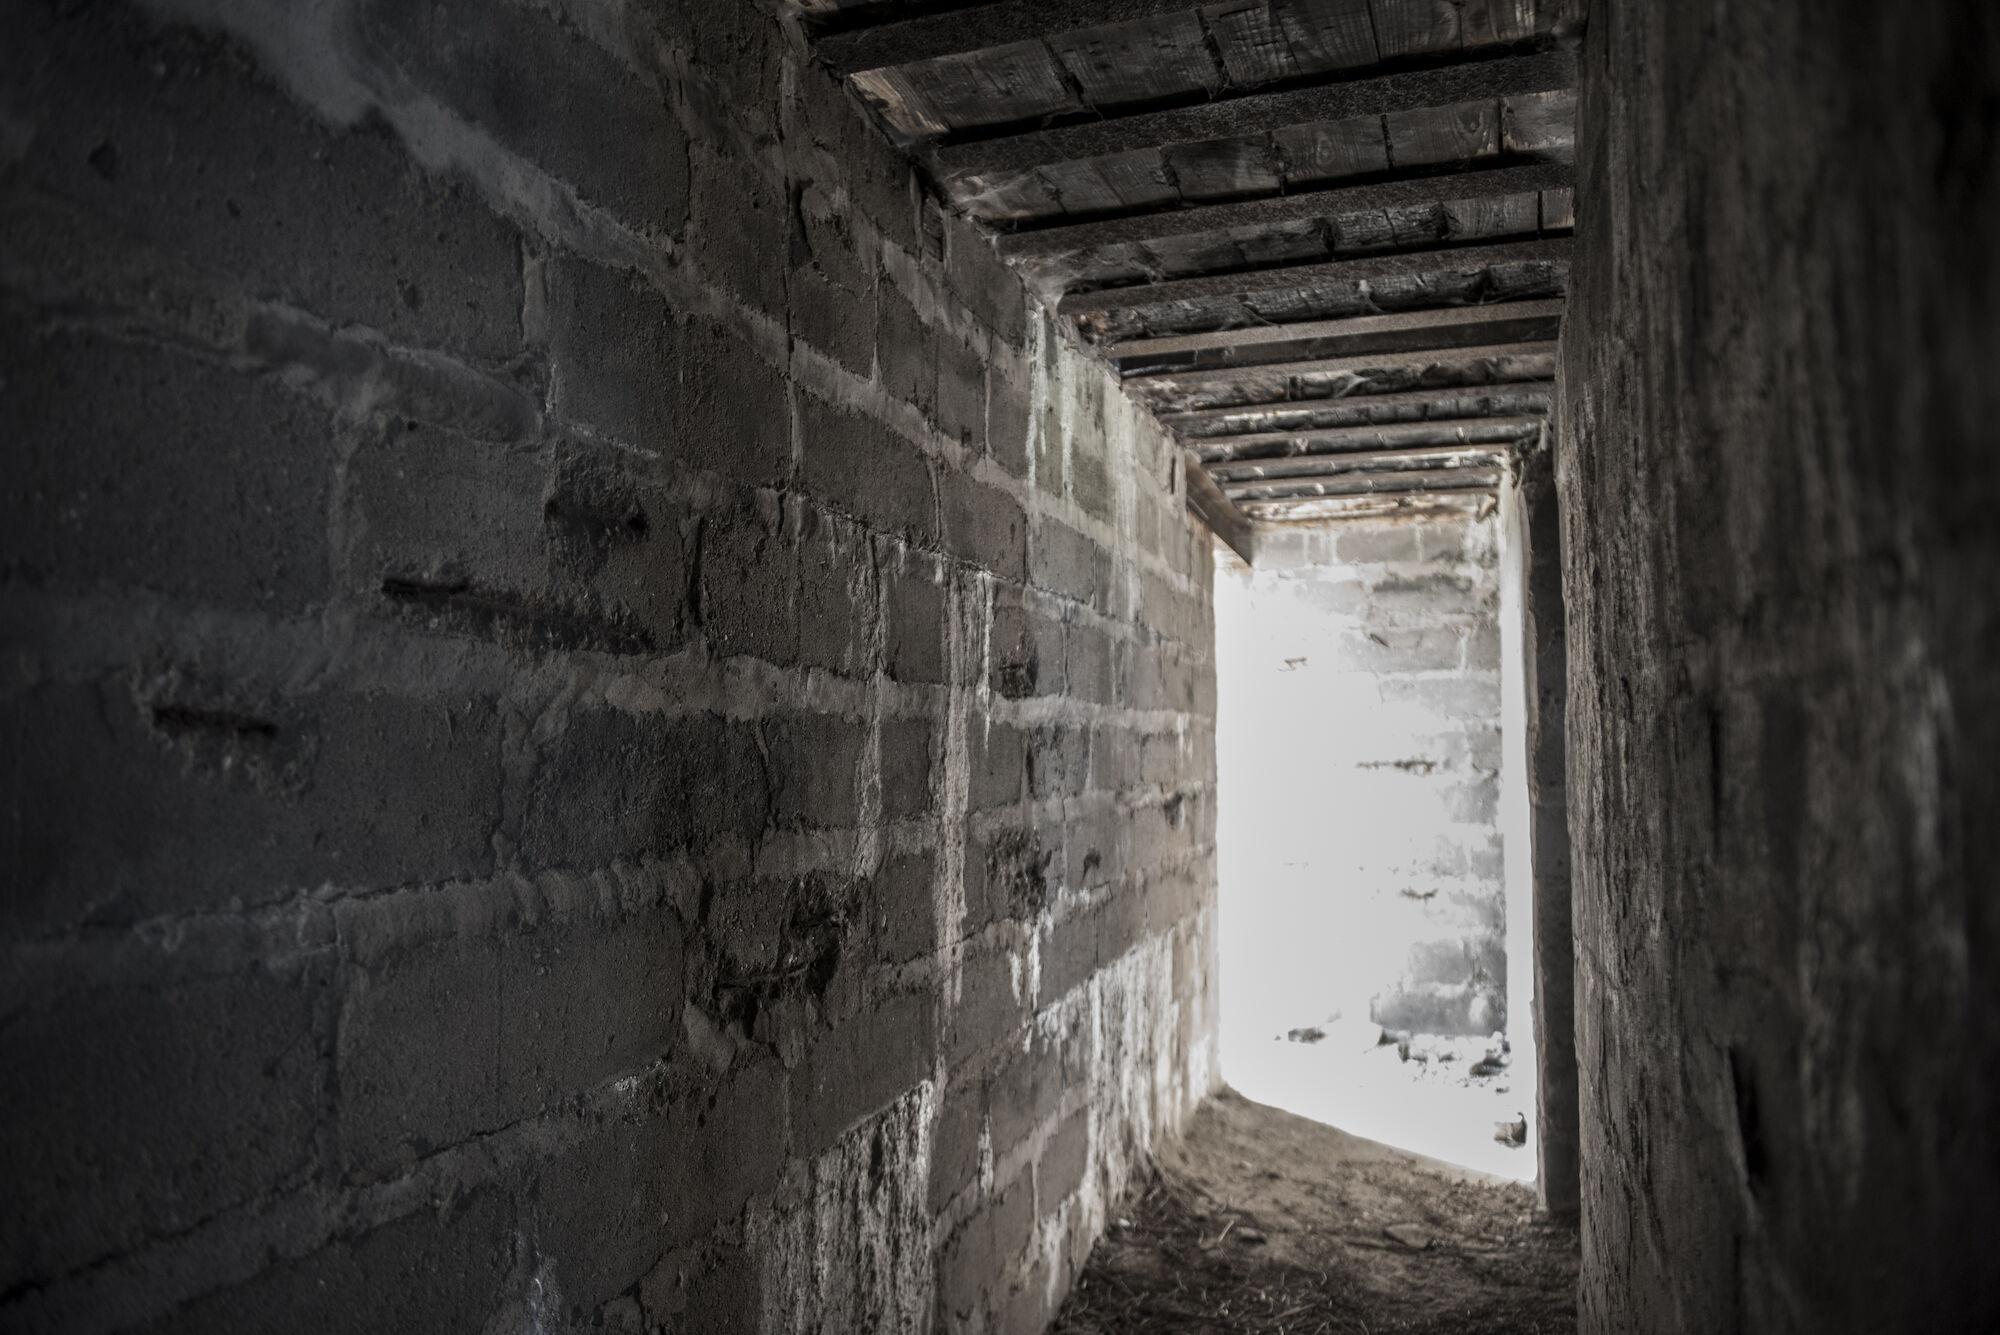 170510 bunkers Hollandstellung 00013.jpg